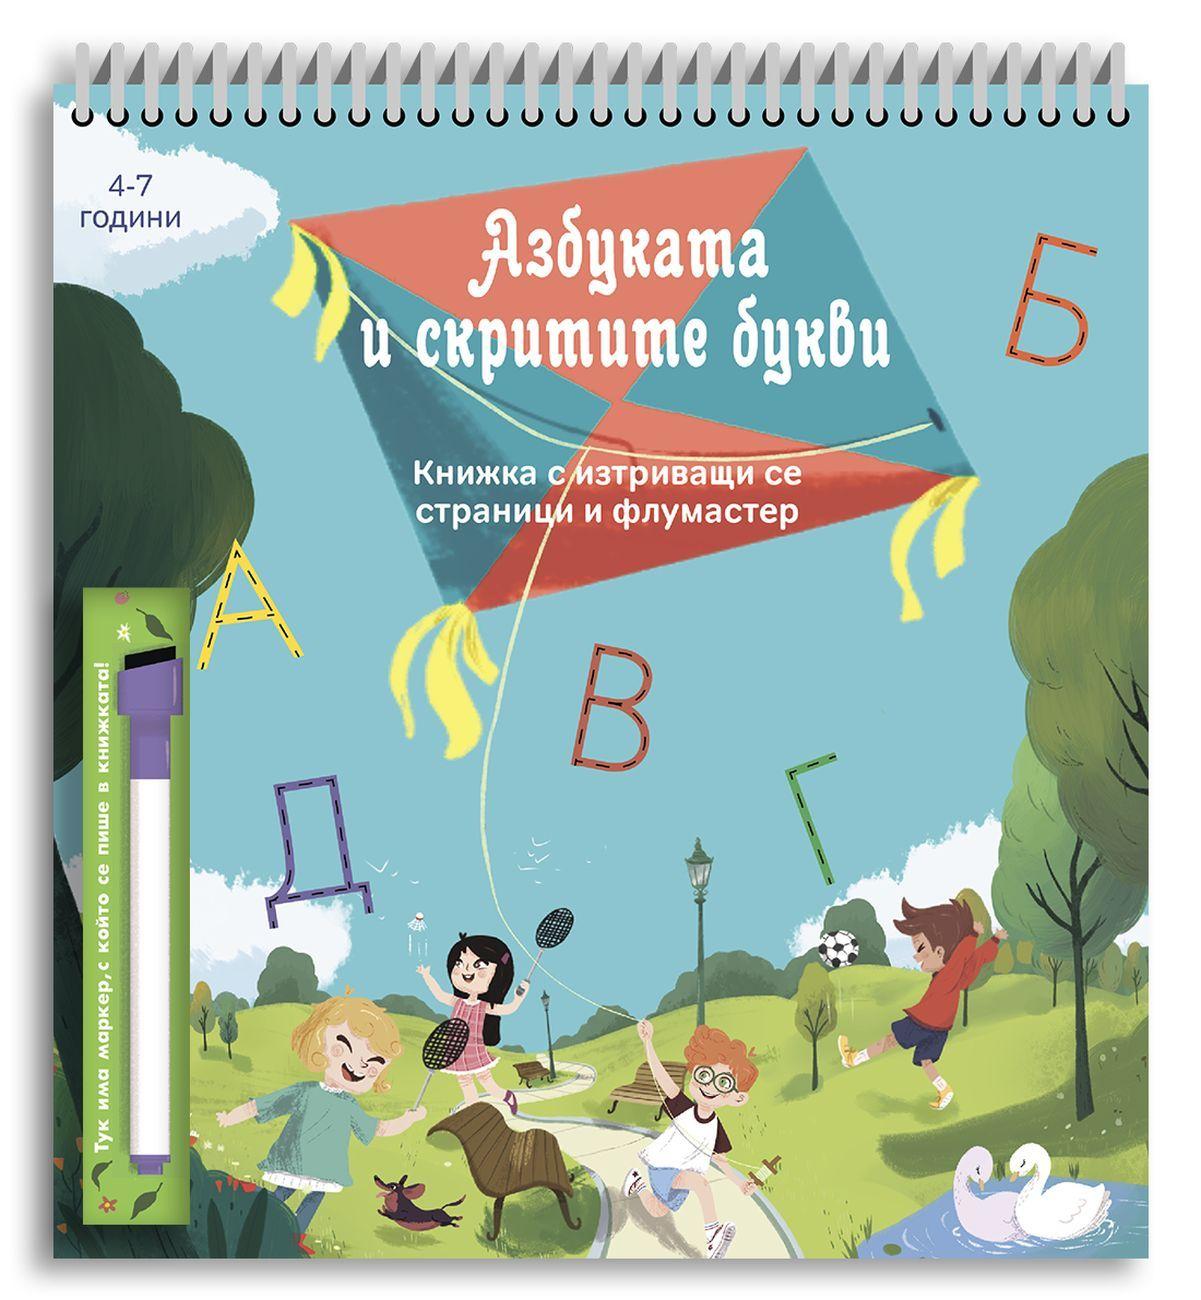 Азбуката и скритите букви (Книжка с изтриващи се страници и флумастер) - 1